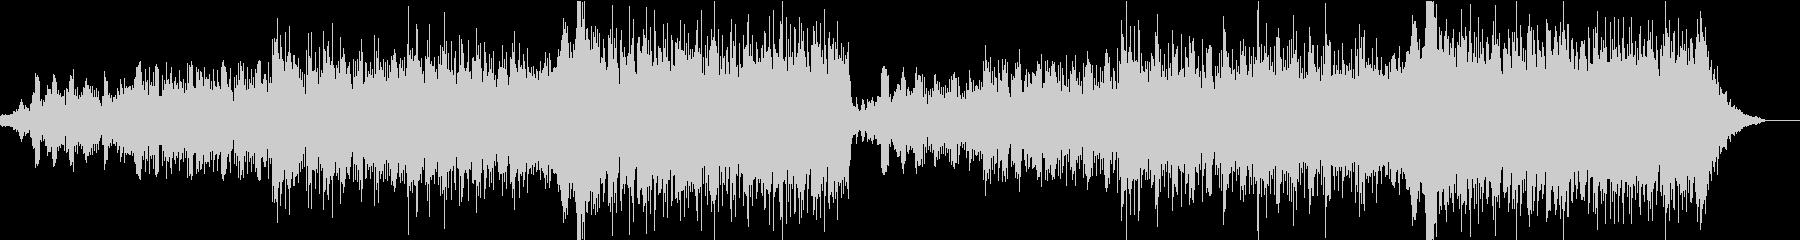 エレクトロ 交響曲 広い 壮大 感...の未再生の波形